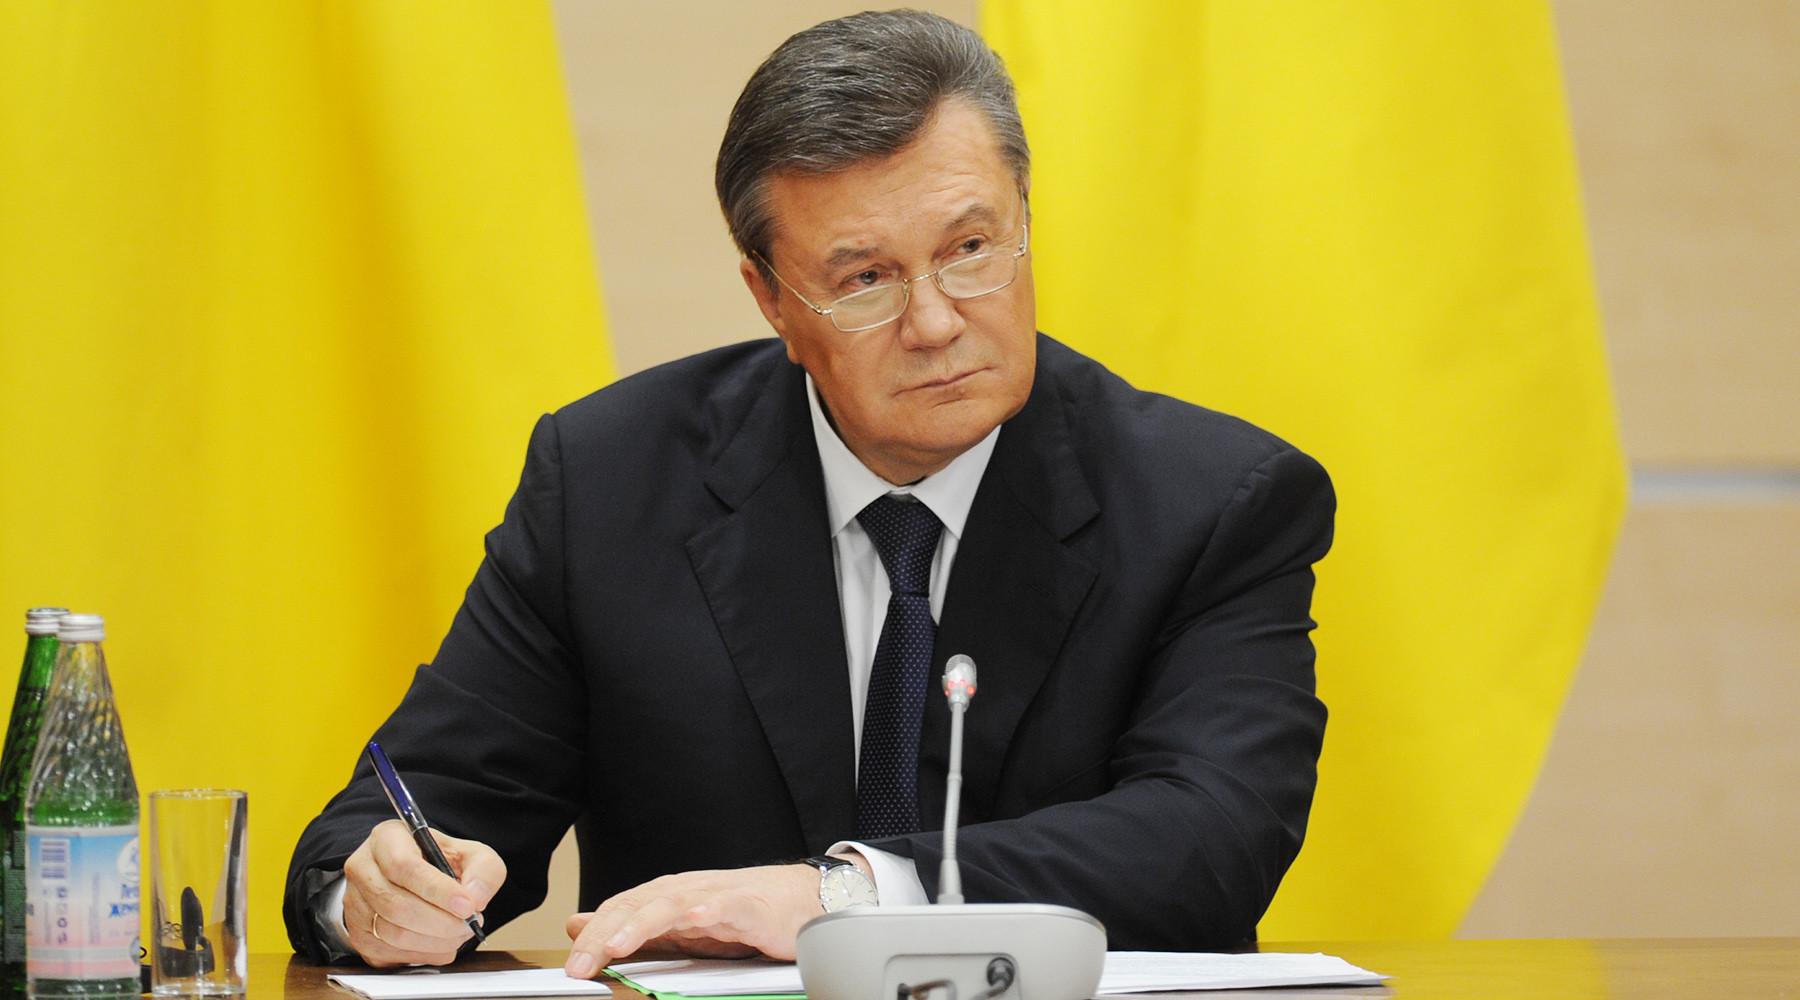 как сложилась бы судьба Украины, если бы «Беркут» не разогнал «детей» на Майдане четыре года назад